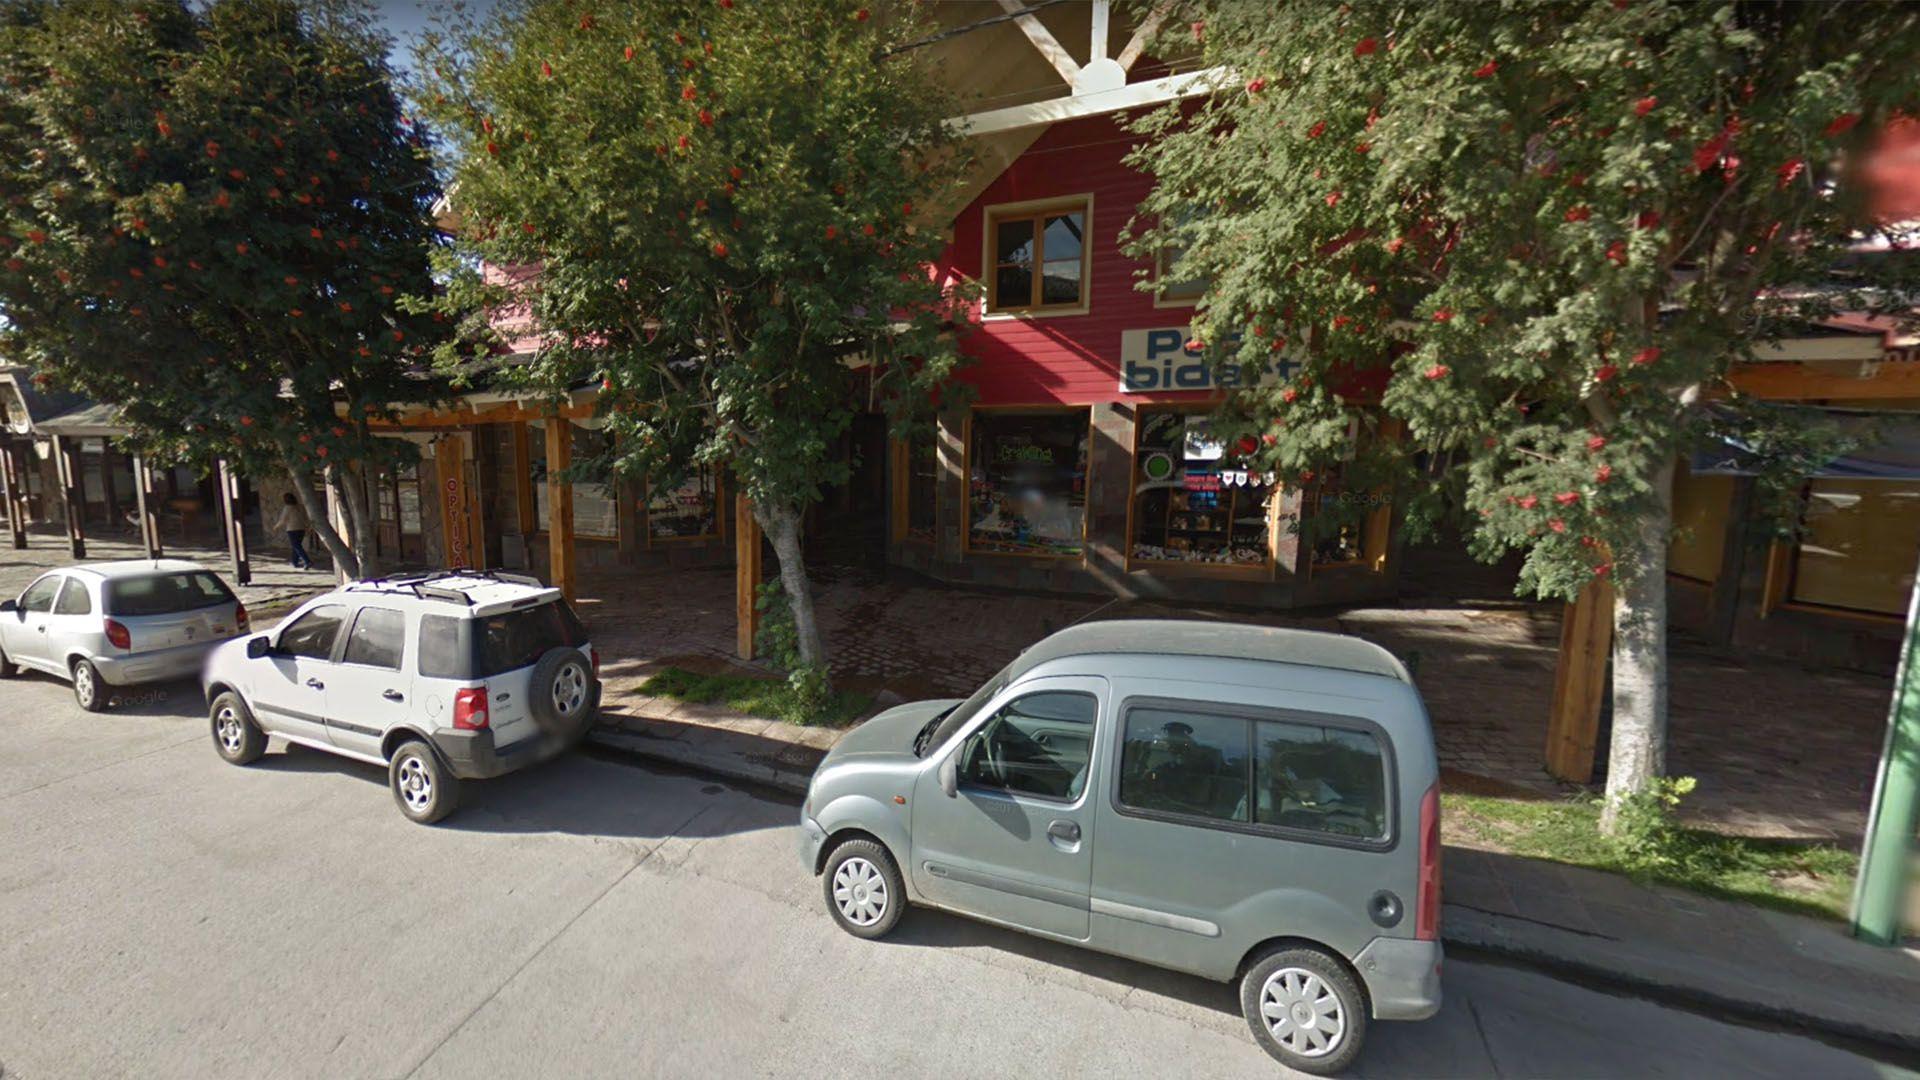 En Villa La Angostura dependen de otras ciudades cercanas para casos urgentes y graves de COVID-19